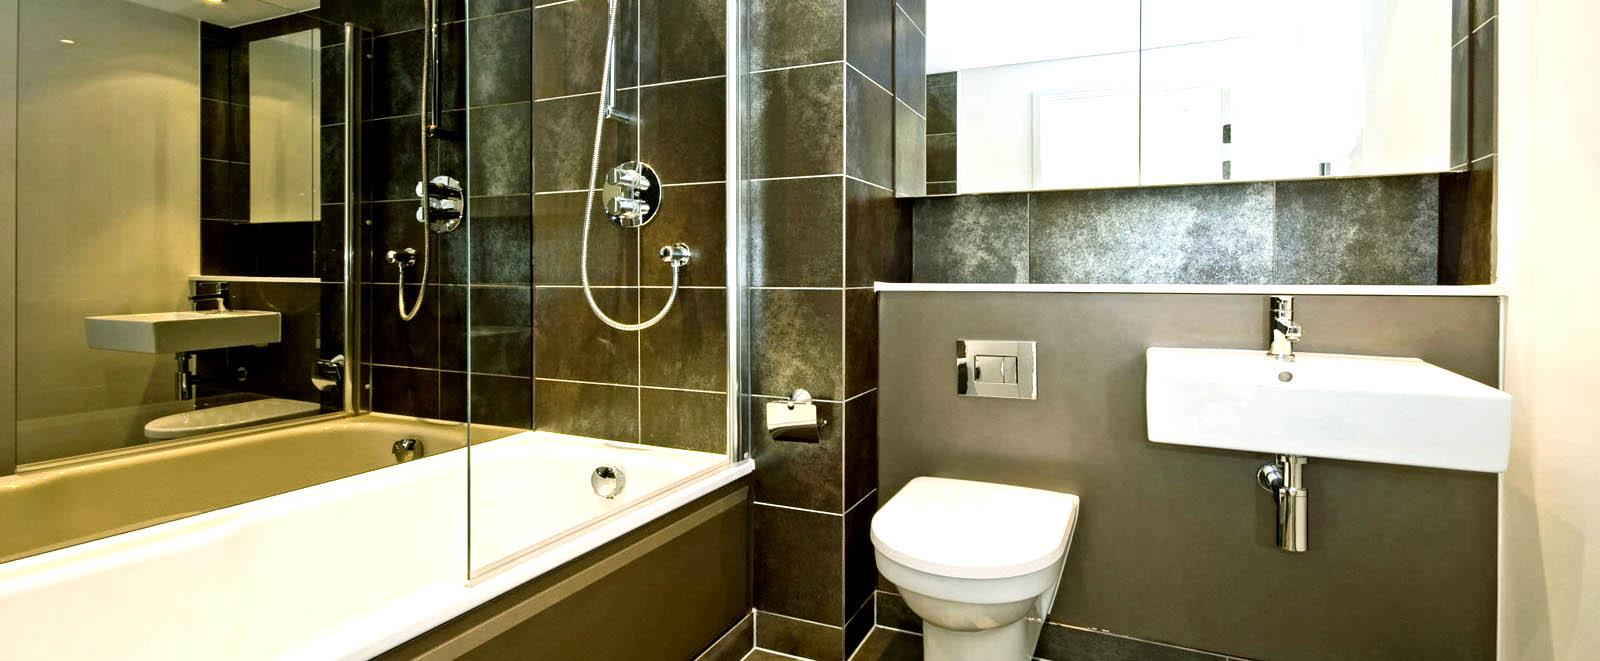 Сантехника в ванной